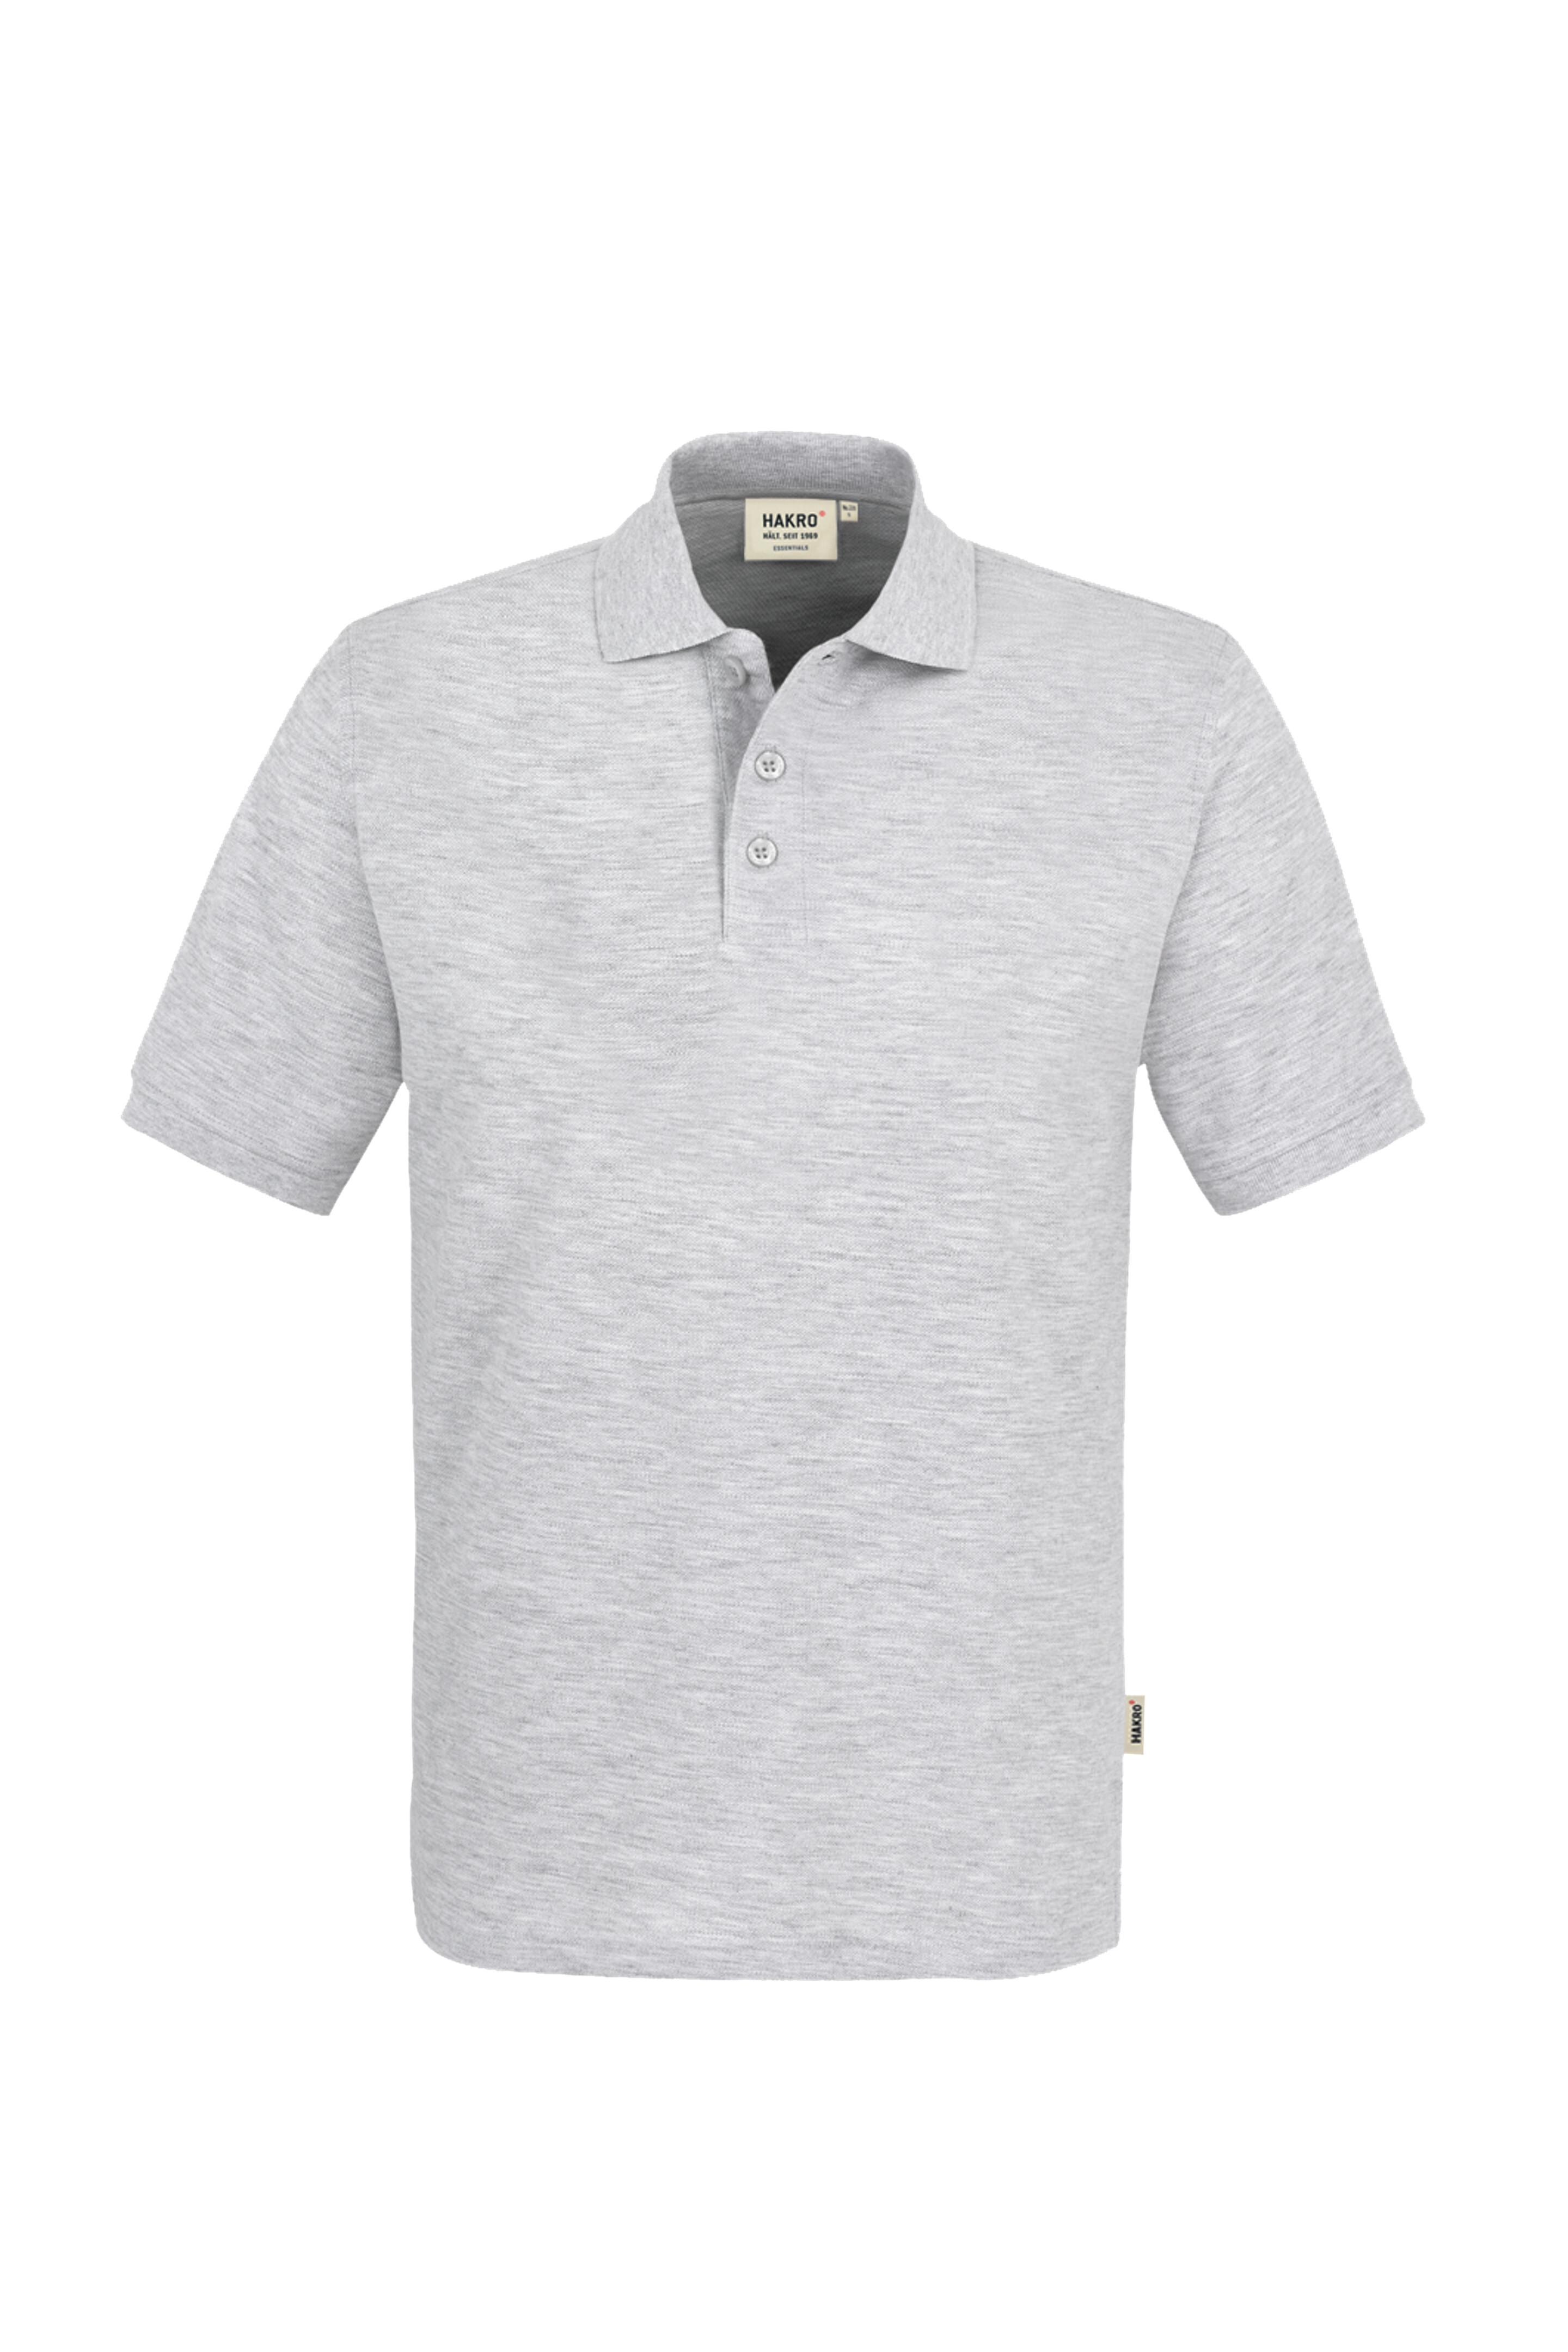 Polo-Piqué-Hemd, ash-meliert, Einstickung E+H